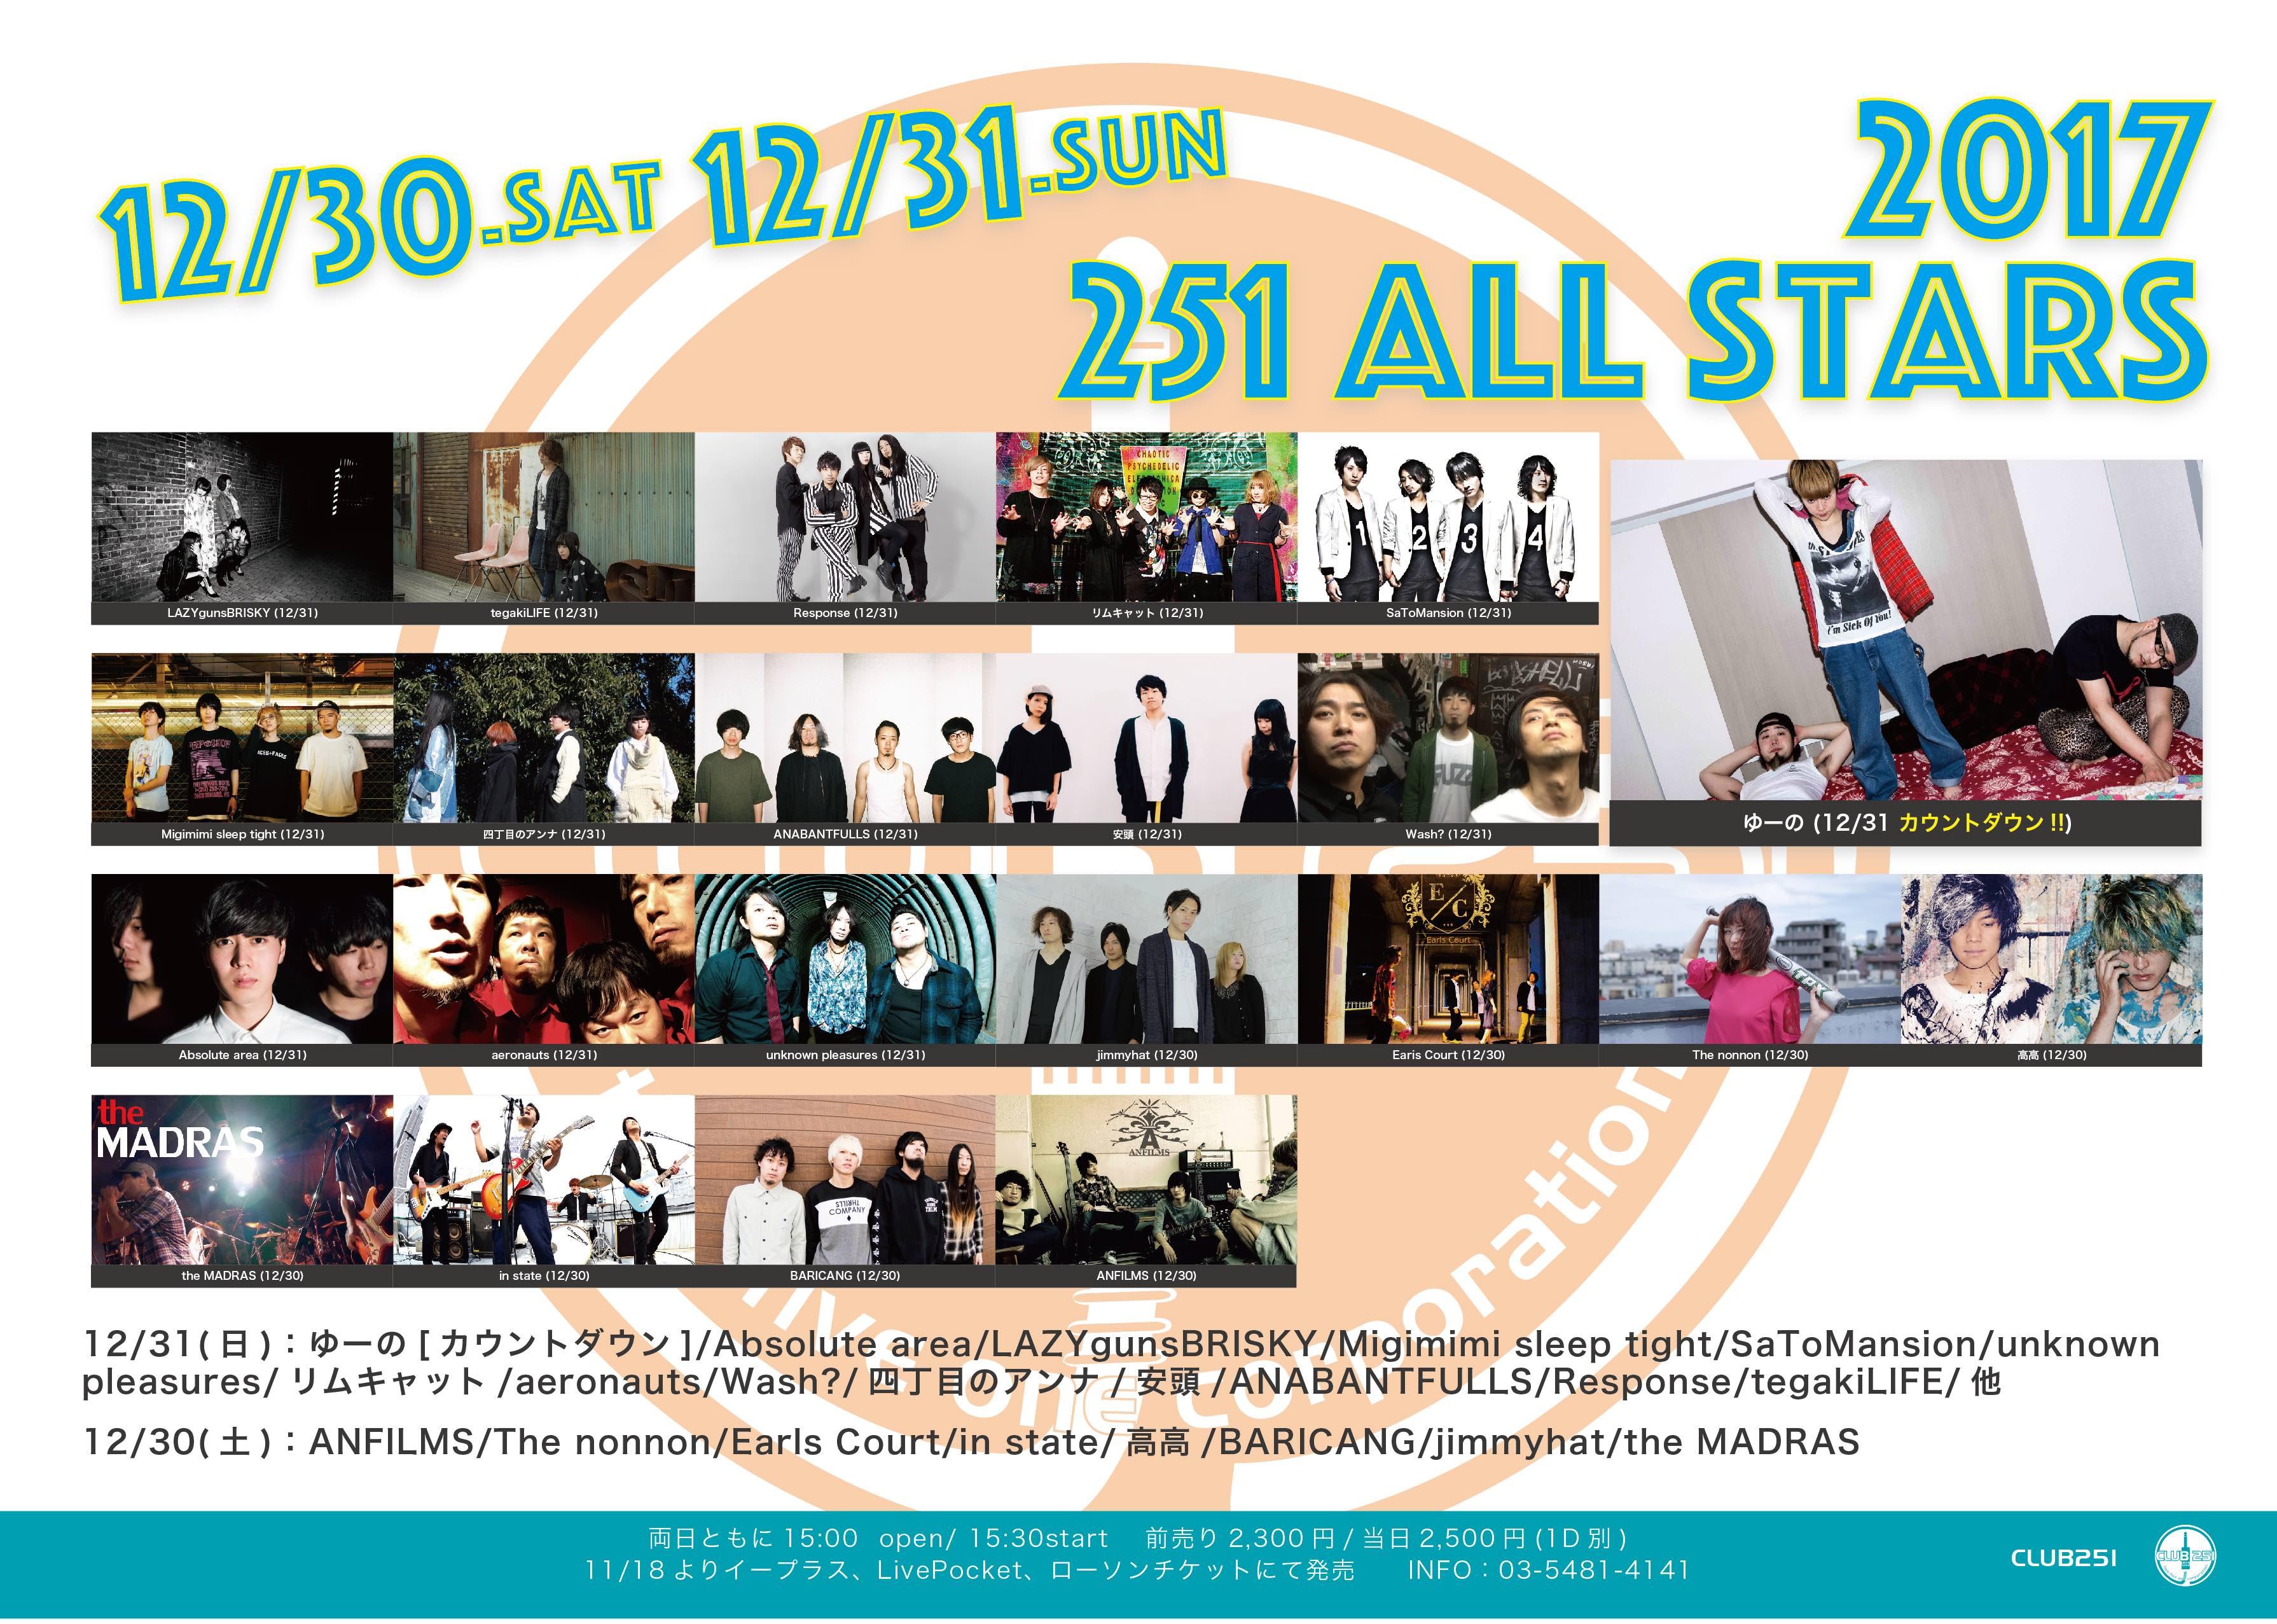 2017 251 ALL STARS